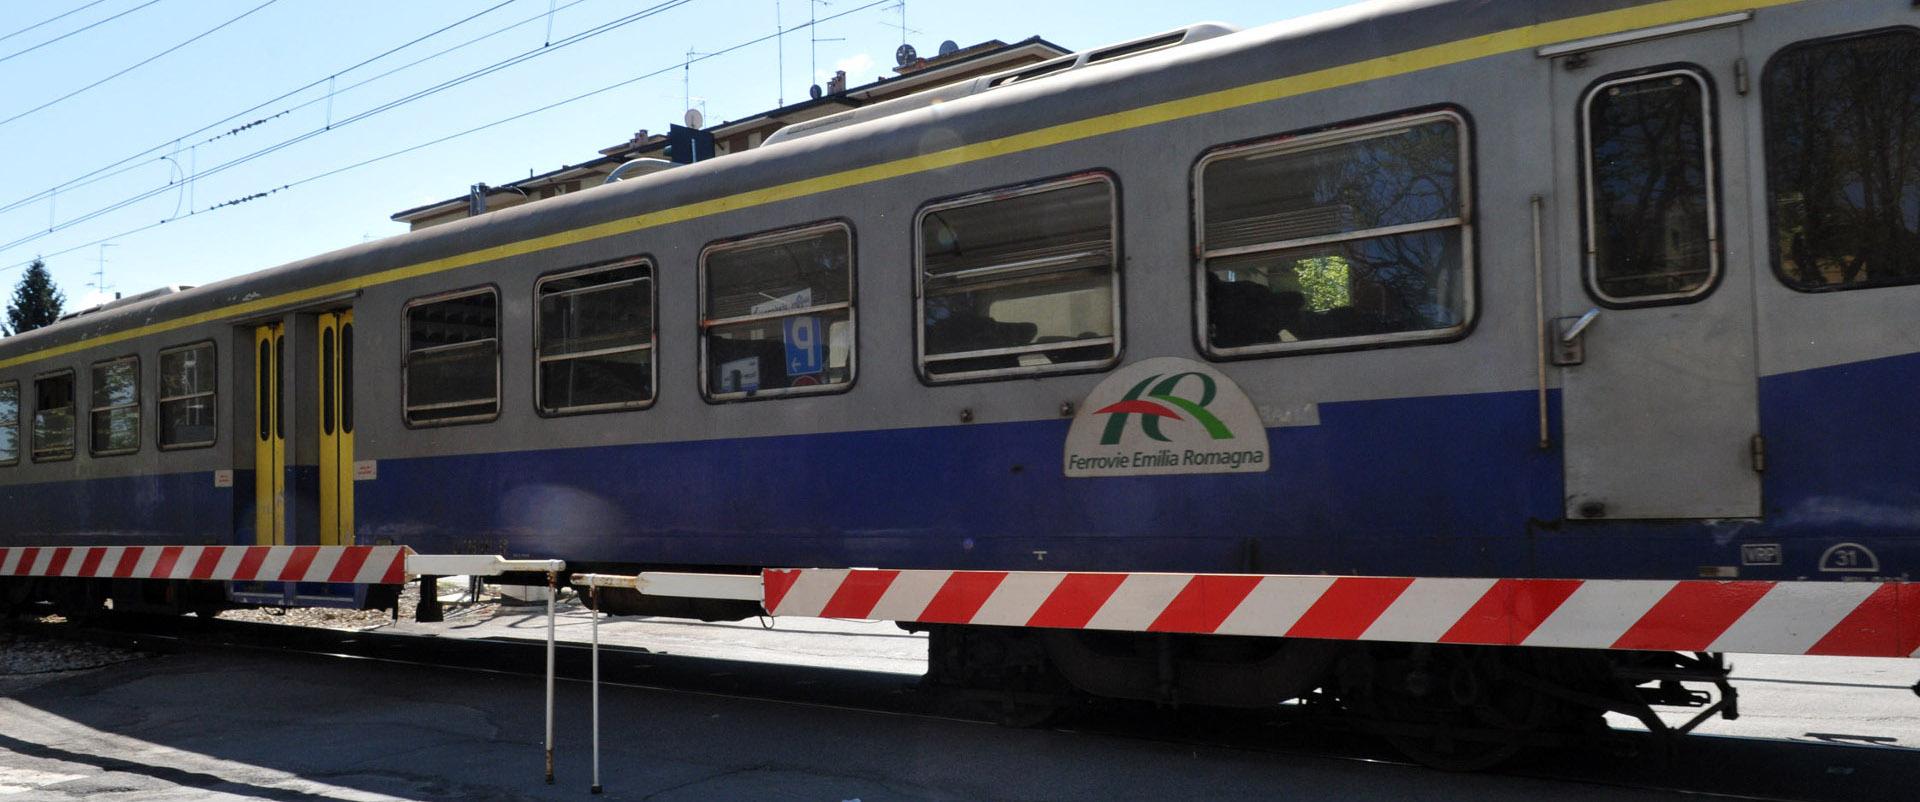 Treno locale. Archivio Città metropolitana di Bologna